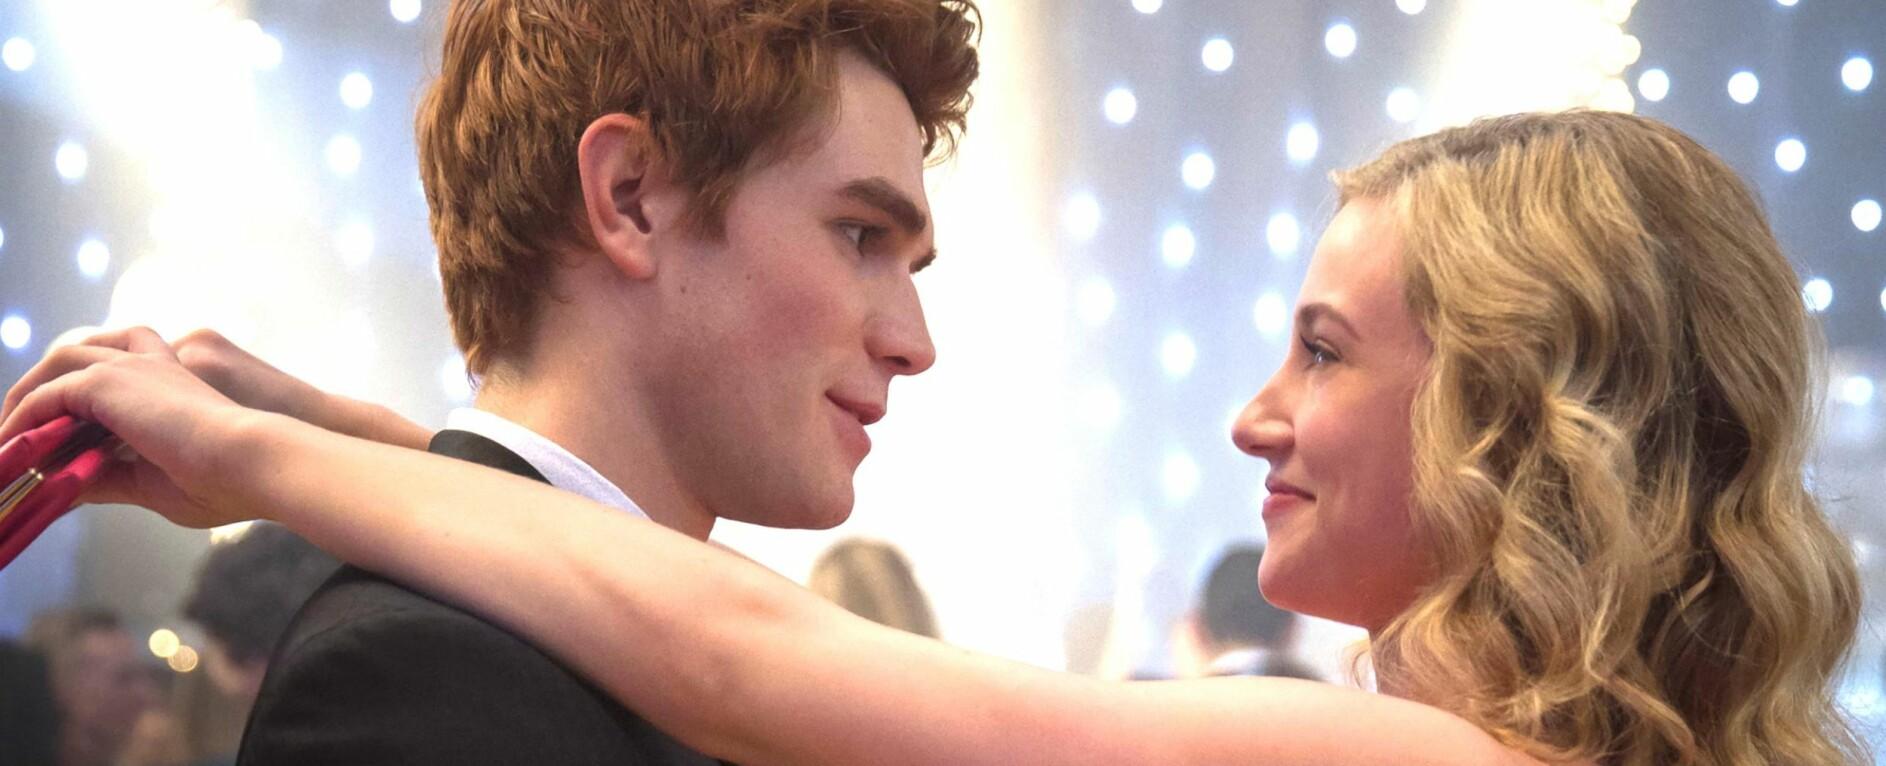 DELTE ET KYSS: I den nyeste episoden av «Riverdale» kysser bestevennene Archie og Betty. FOTO: Skjermdump